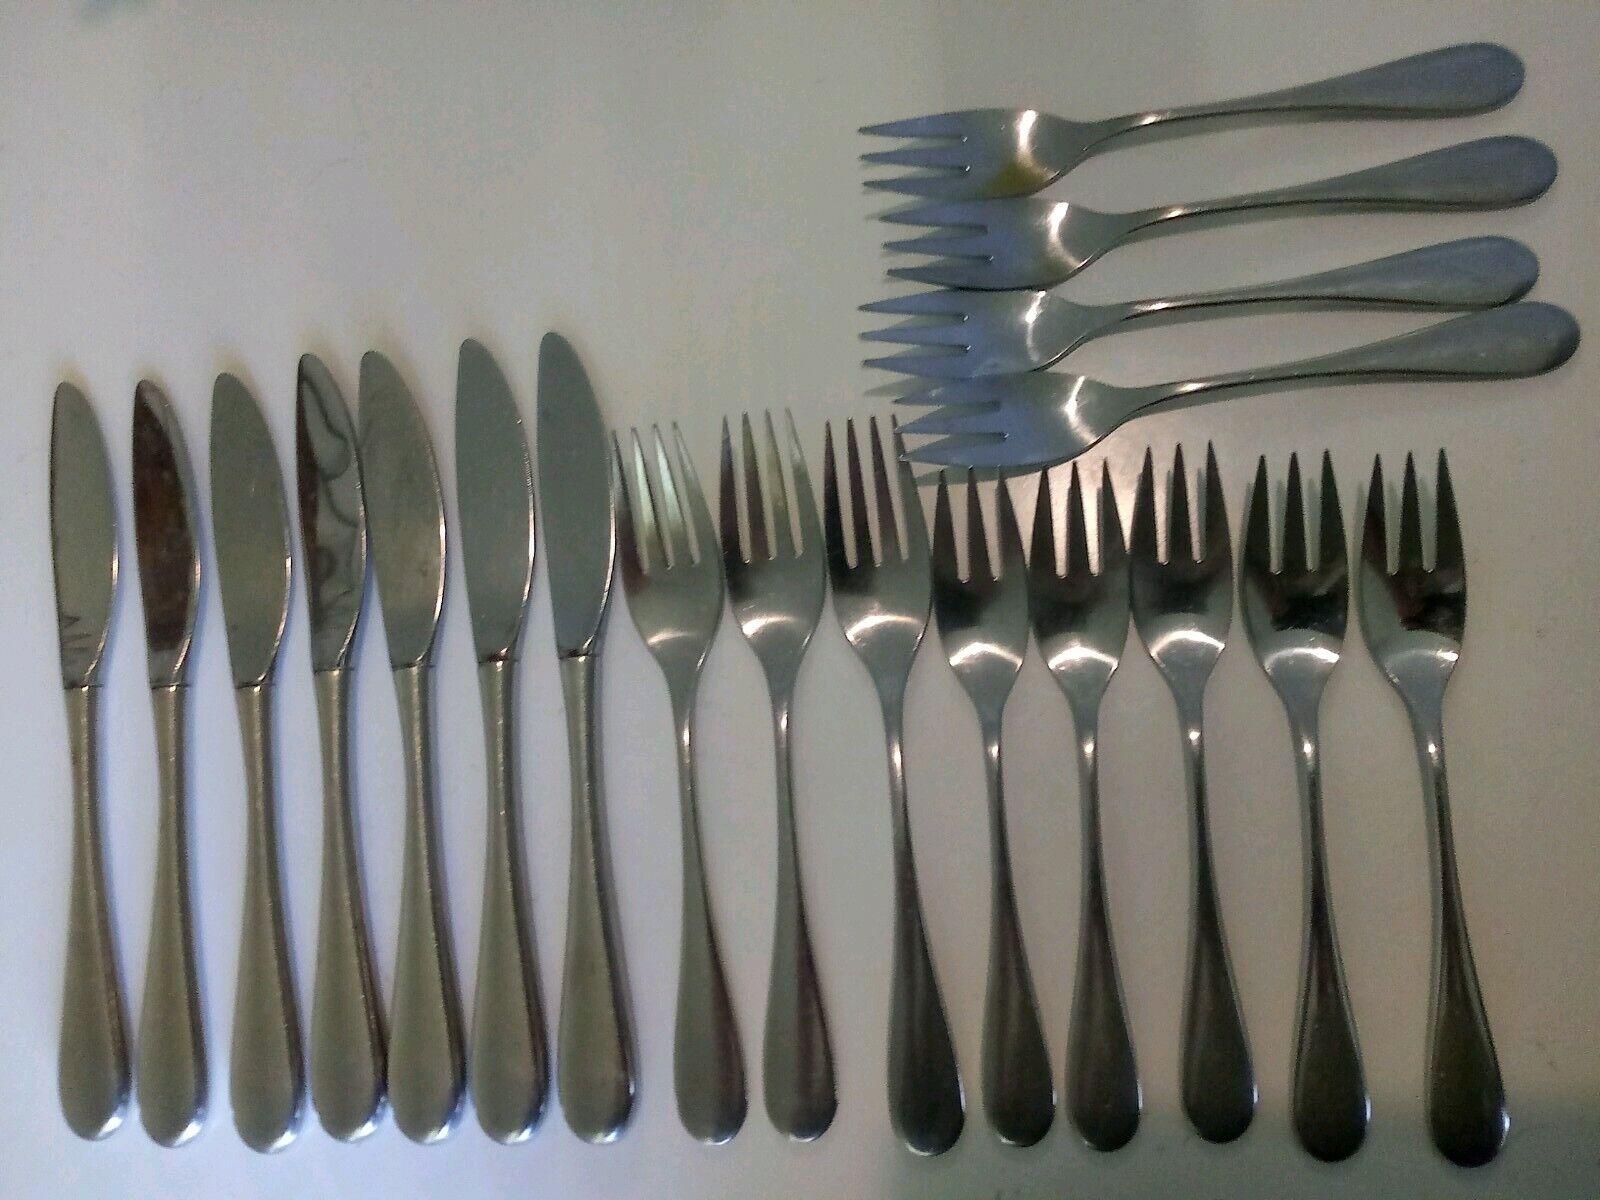 19 Pcs Oneida Cube OMNI Stainless (9) Salad Forks (3) Dinner Forks (7) Knives